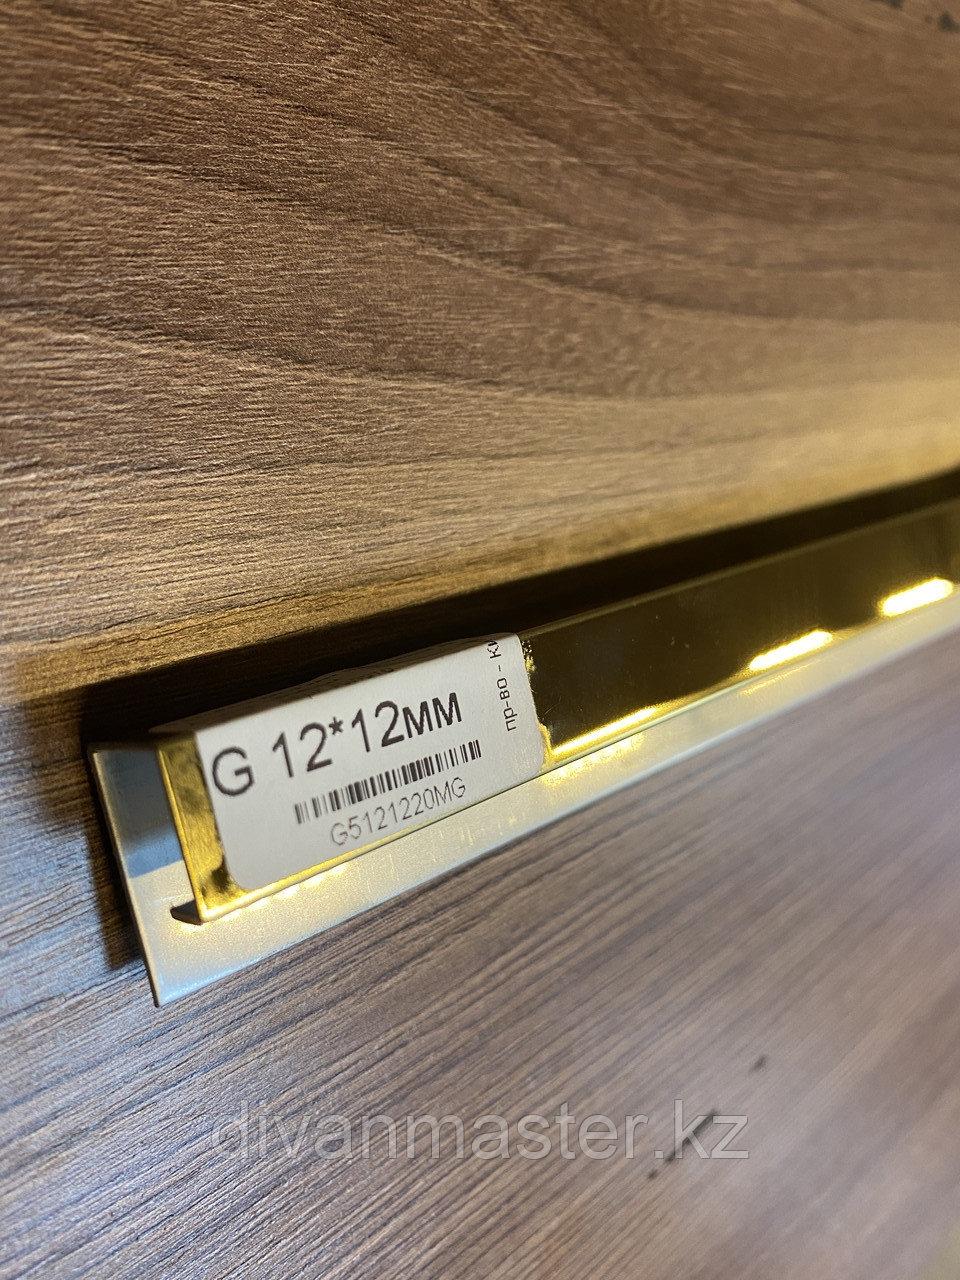 G-Профиль 5*12*12*20, зеркальное золото, для декорирования мебели, 305 см, L-образный